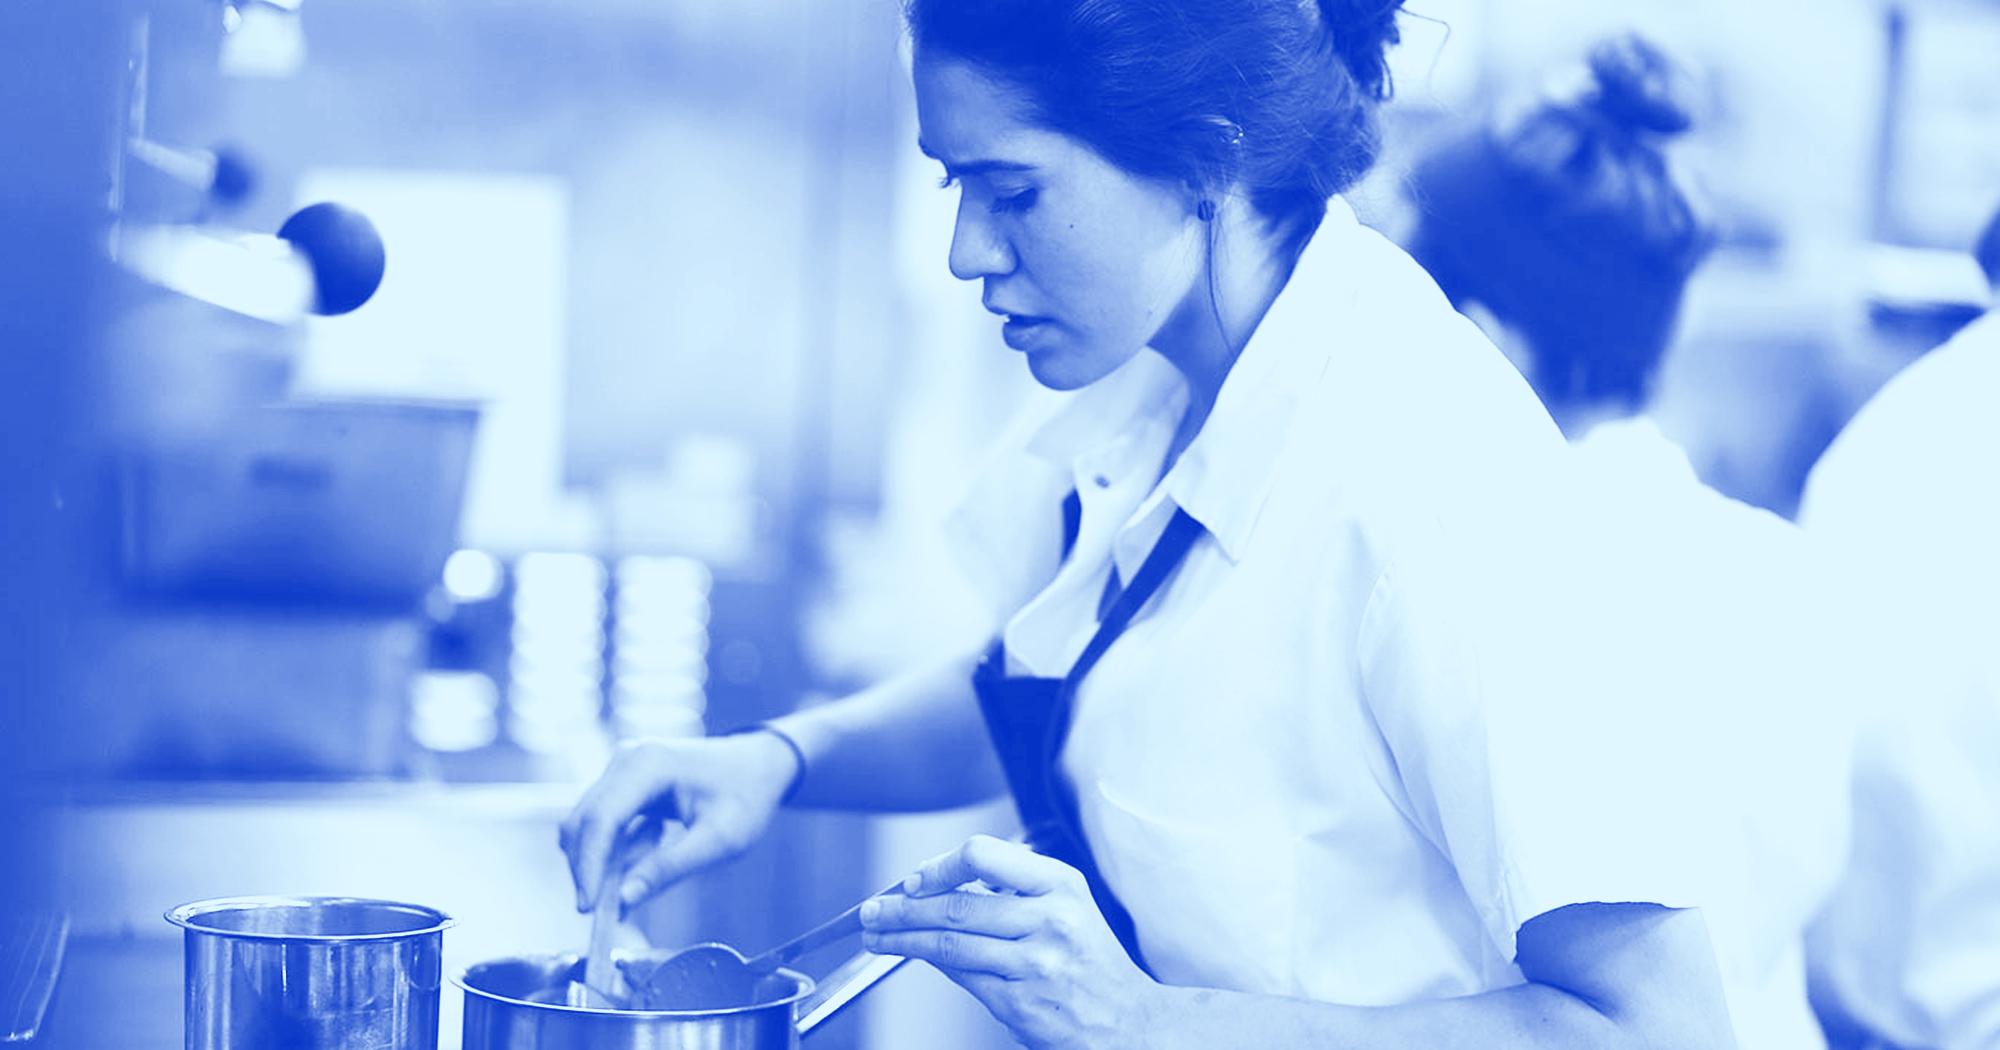 Chef de sex kitchen sex fest with luna rival deepthroating - 3 part 9